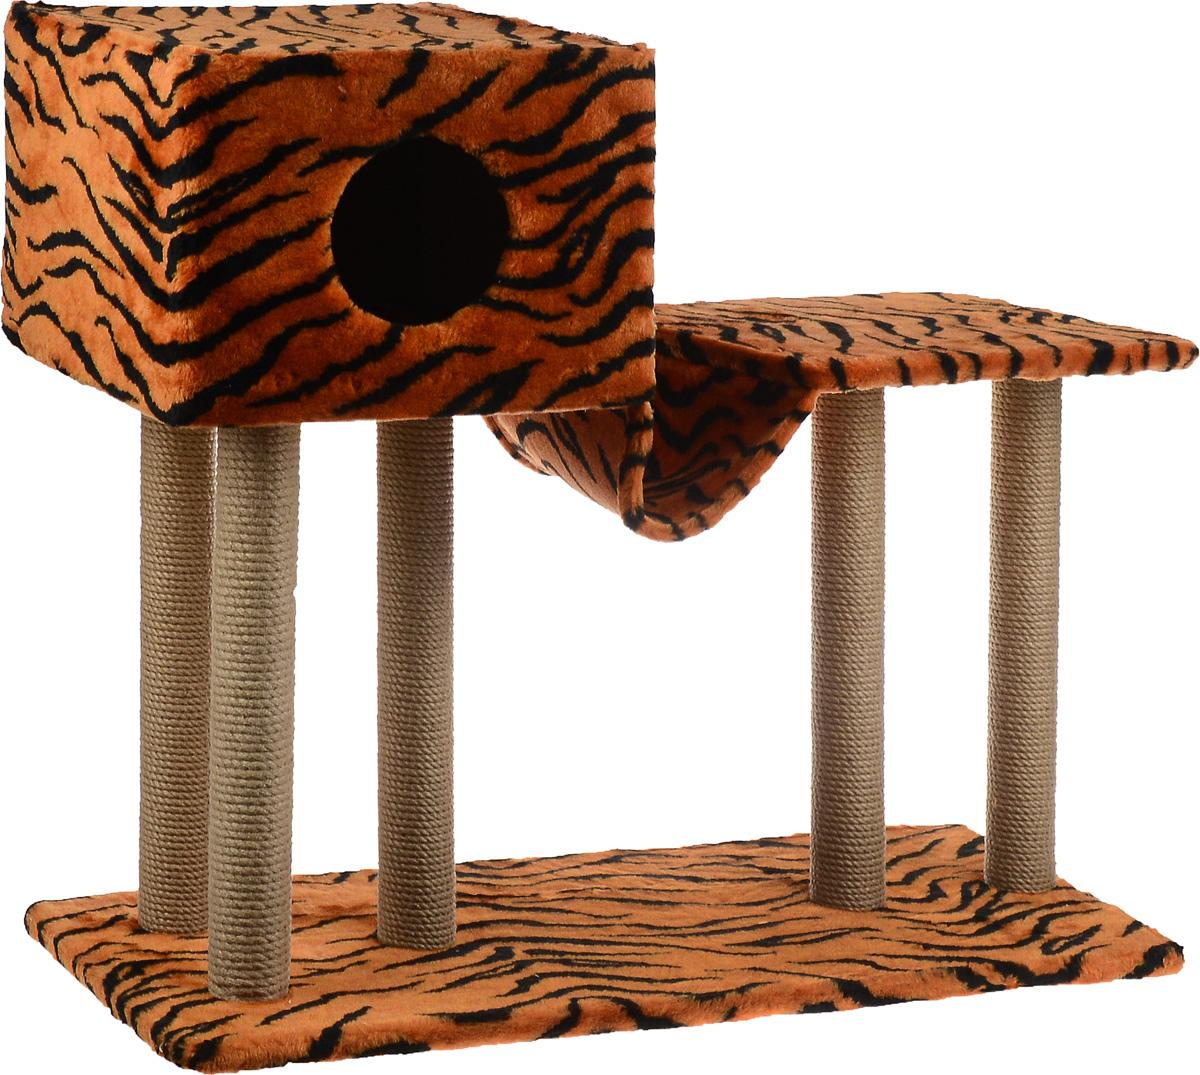 Игровой комплекс для кошек Меридиан, с домиком и гамаком, цвет: оранжевый, черный, бежевый, 90 х 40 х 80 см0120710Игровой комплекс для кошек Меридиан выполнен из высококачественного ДВП и ДСП и обтянут искусственным мехом. Изделие предназначено для кошек. Ваш домашний питомец будет с удовольствием точить когти о специальные столбики, изготовленные из джута. А отдохнуть он сможет в домике, на полках или в удобном гамаке.Общий размер: 90 х 40 х 80 см.Размер основания: 90 х 40 см.Высота полки: 53 см.Размер домика: 40 х 40 х 28 см.Размер полки: 39 х 39 см.